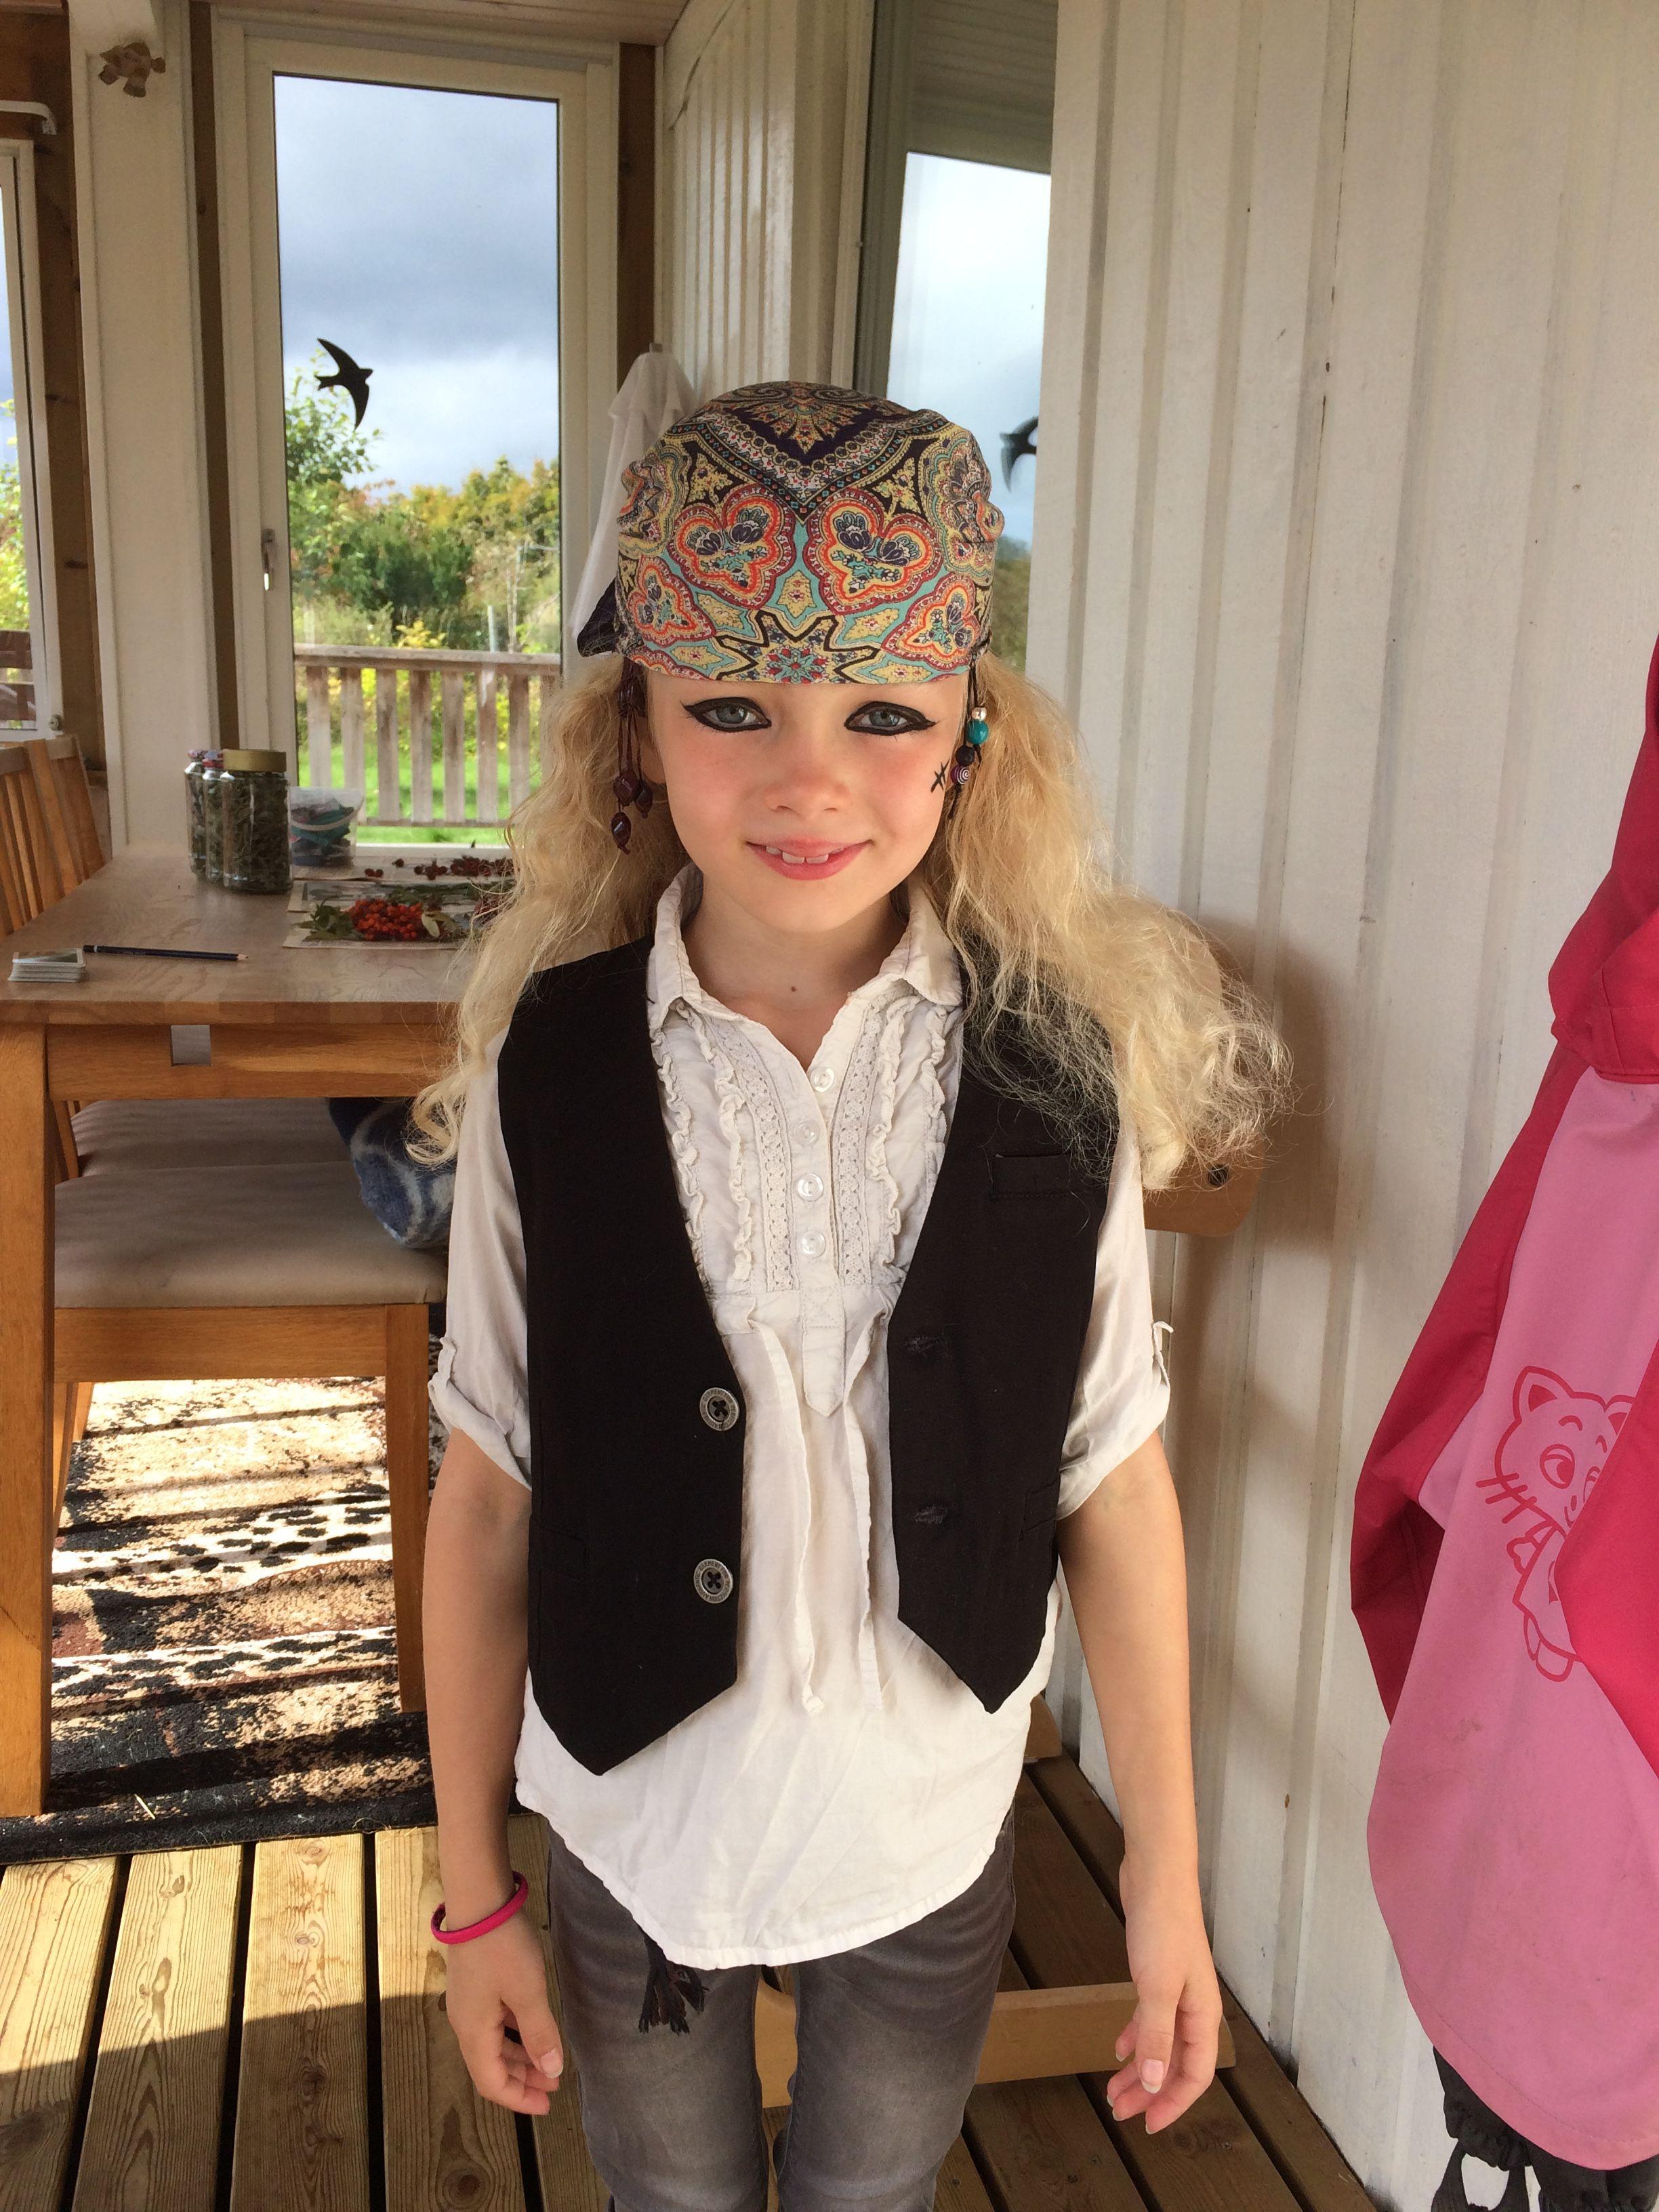 Maskerad utklädd pirat ansiktsmålning diy crafts pyssel . Fixade av sånt  som finns hemma 86a32898b21a1